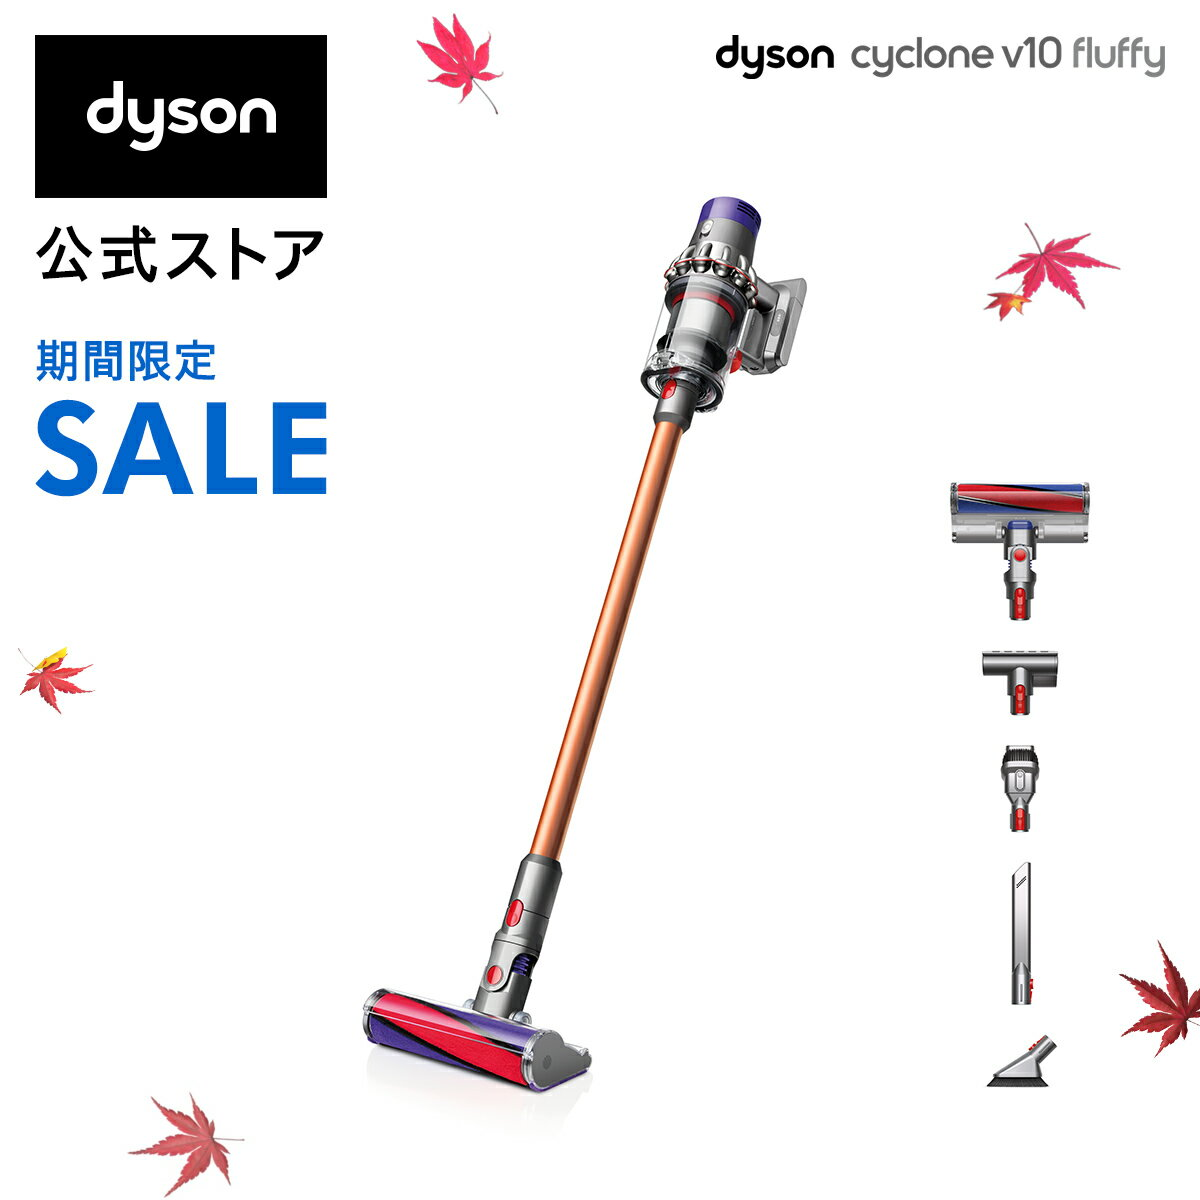 31%OFF【在庫限り】10/11 9:59amまで!ダイソン Dyson Cyclone V10 Fluffy サイクロン式 コードレス掃除機 dyson SV12FF 2018年モデル【フロアドックセットではありません】